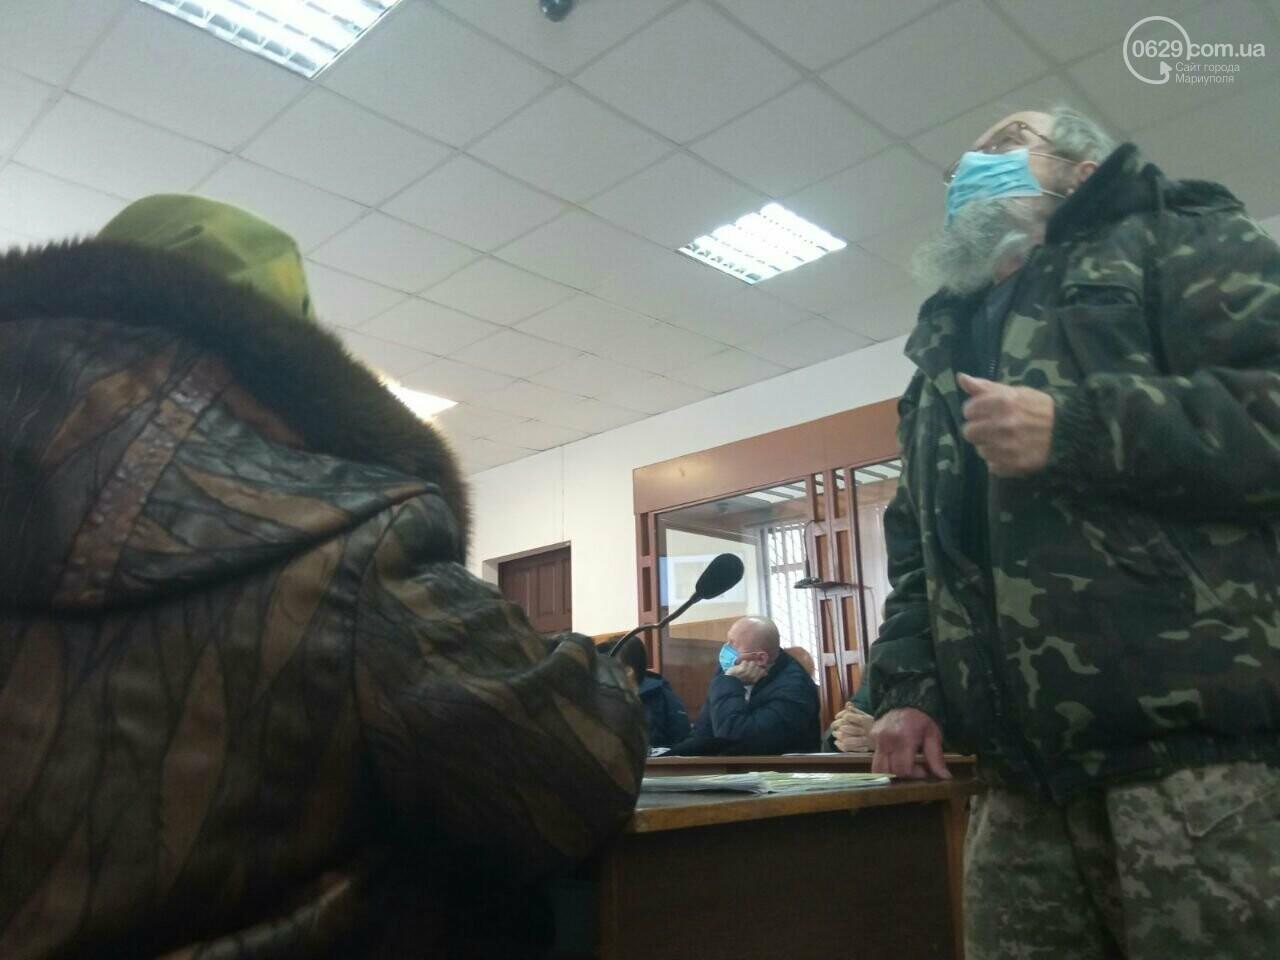 """""""Смотрите на ожоги!"""" Родители показали в суде кадры погибшей на заводе Юлии Диковой, - ФОТО, фото-2"""